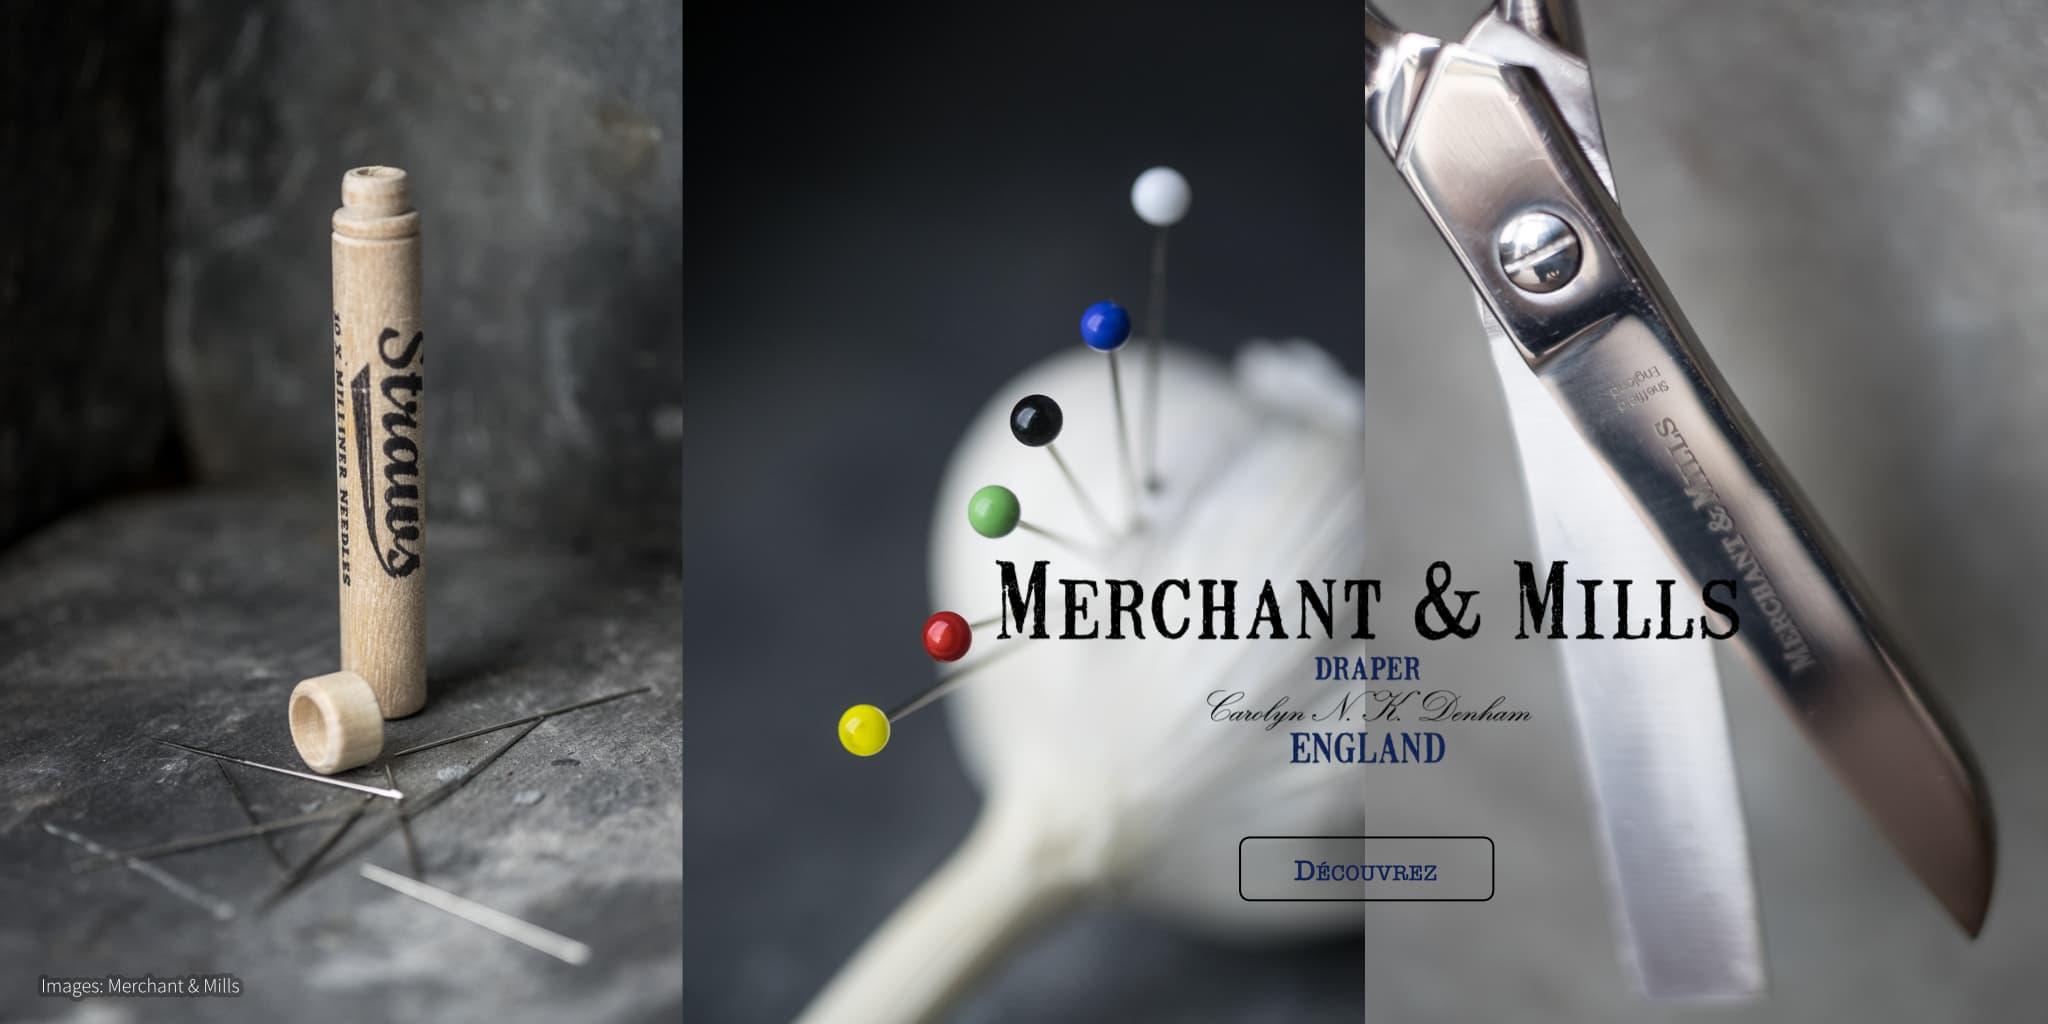 Merchant & Mills @ Coup de coudre